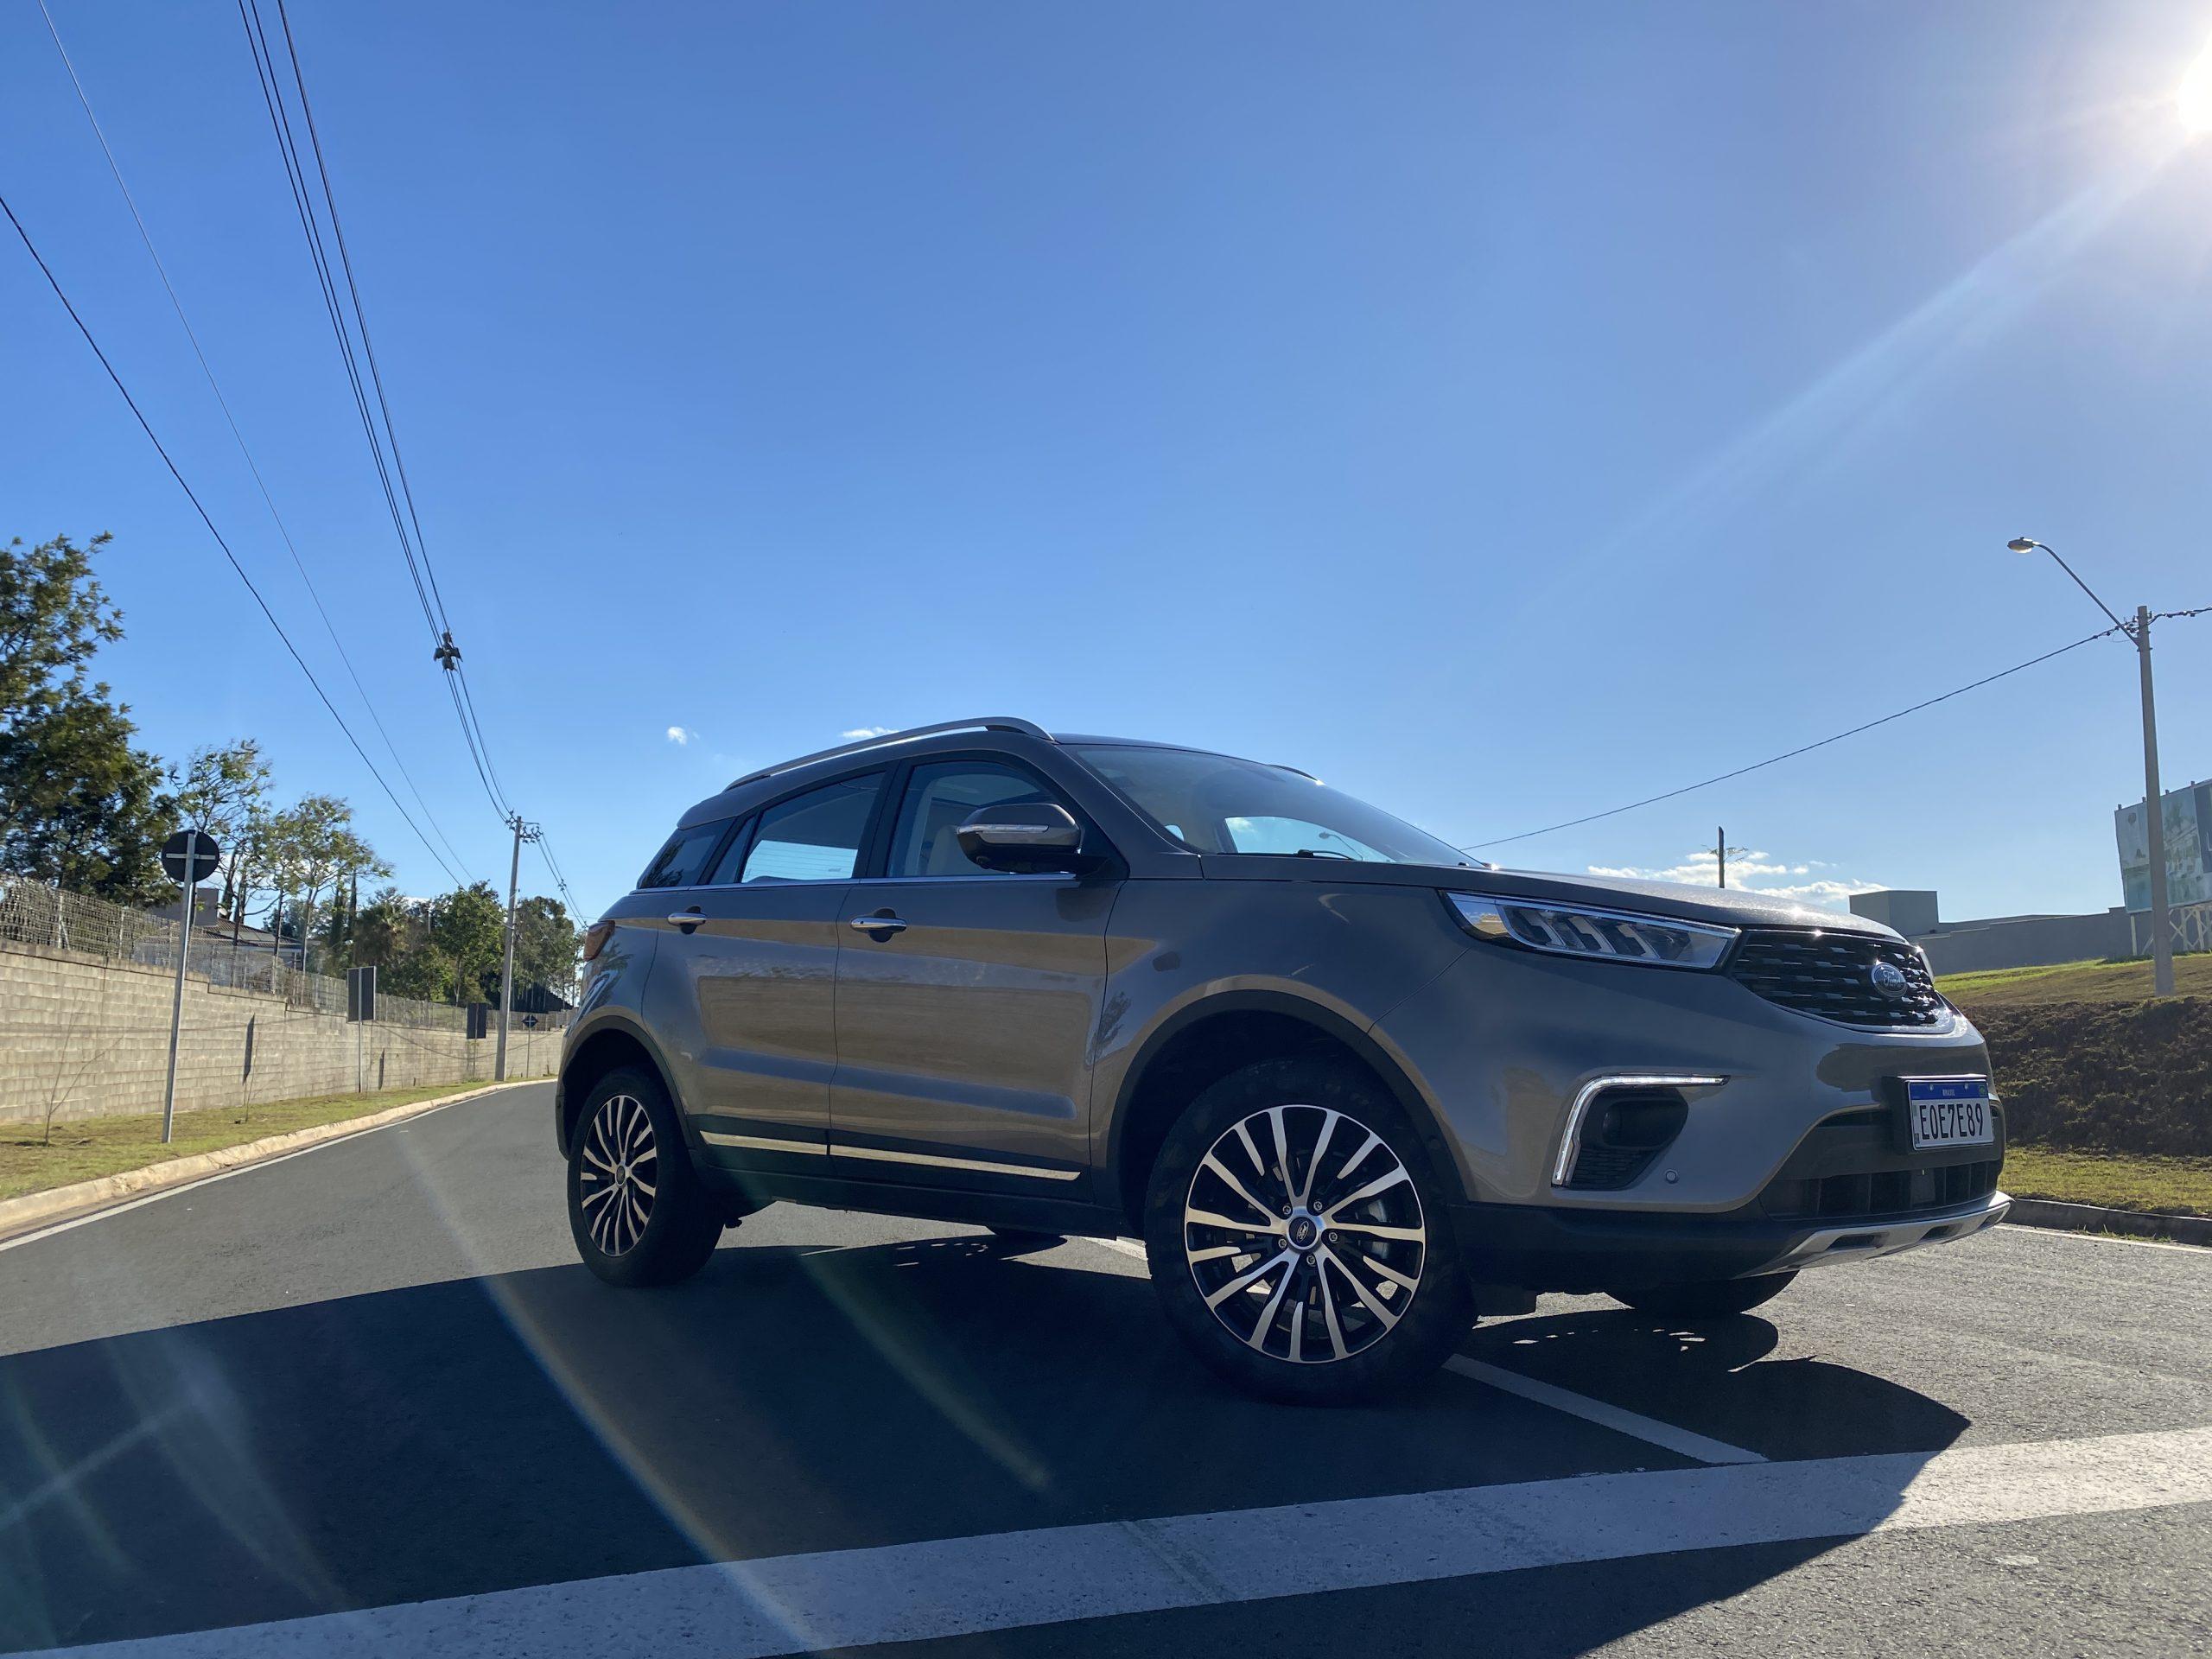 Confira nossas impressões sobre o Novo Ford Territory | Review 360